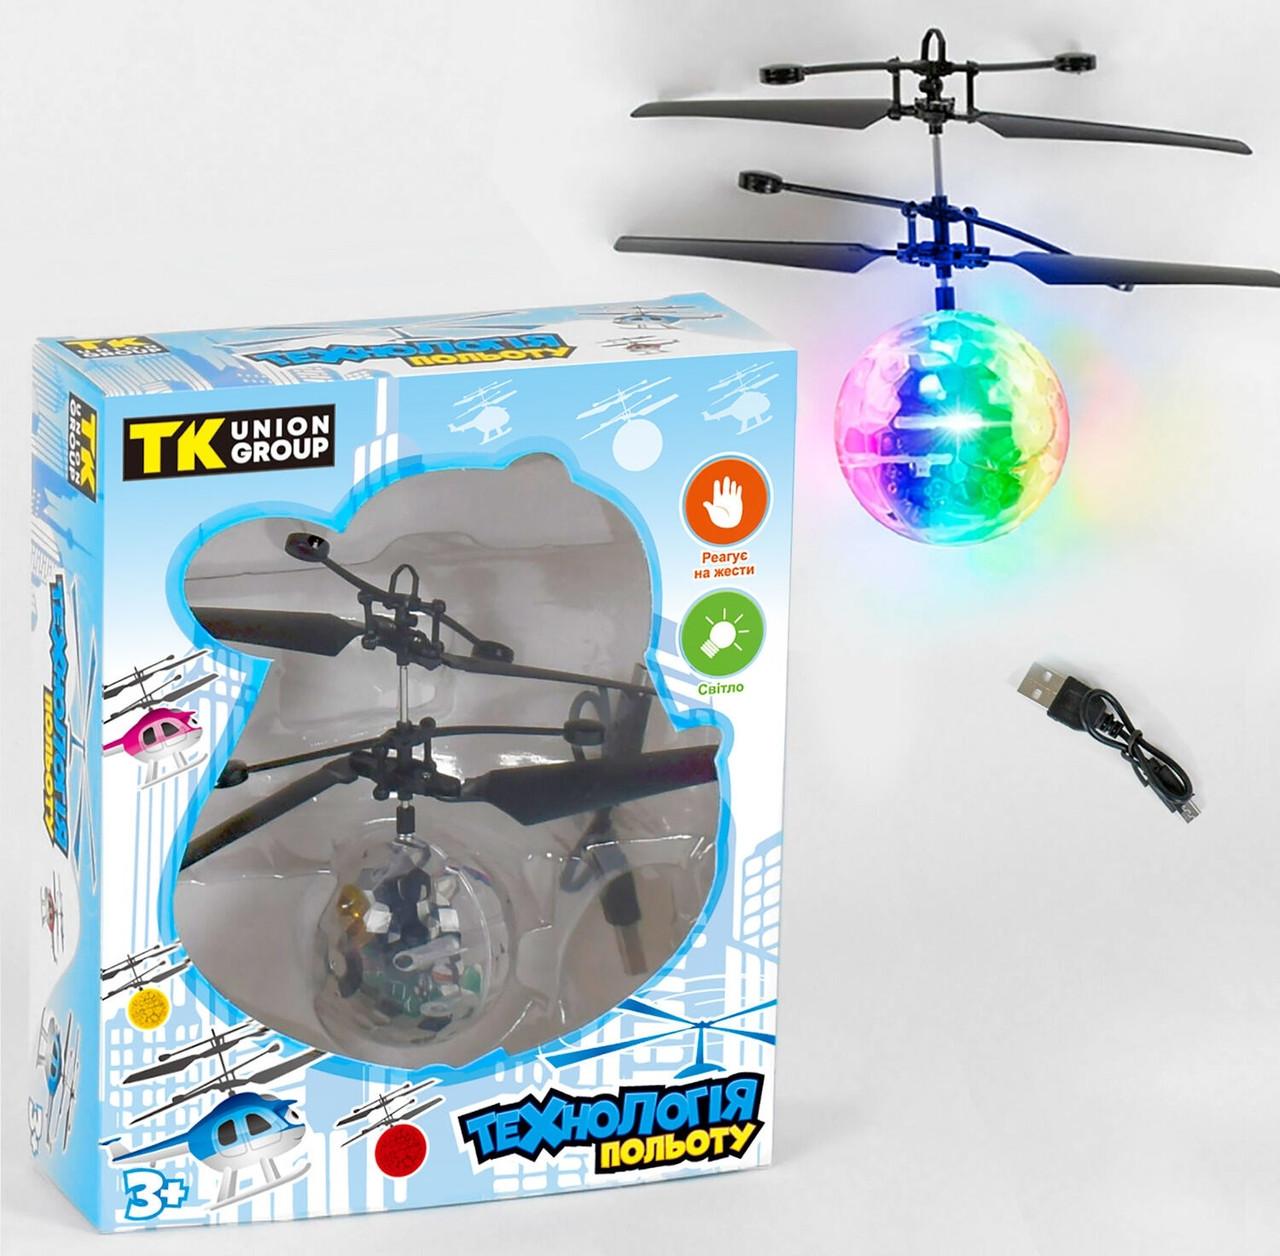 Літаючий куля 82505 (120) сенсорне управління, аккум., Зарядка USB, підсвічування, в коробці